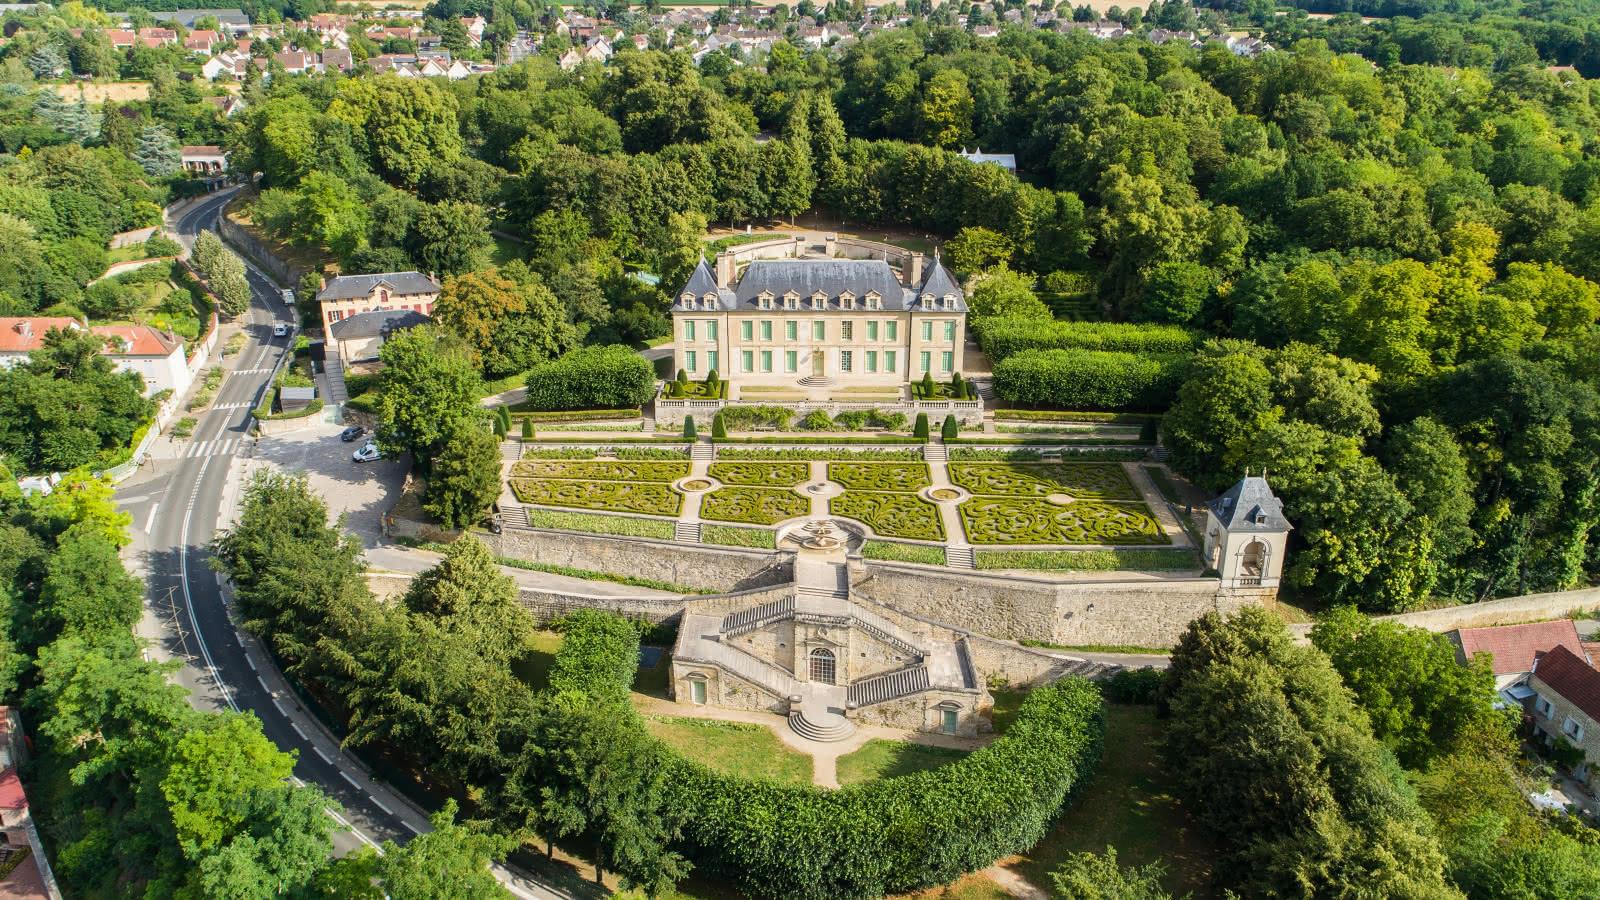 Photo du château d'Auvers et de ses jardins vu de drône avec beaucoup d'arbres et quelques habitations autour